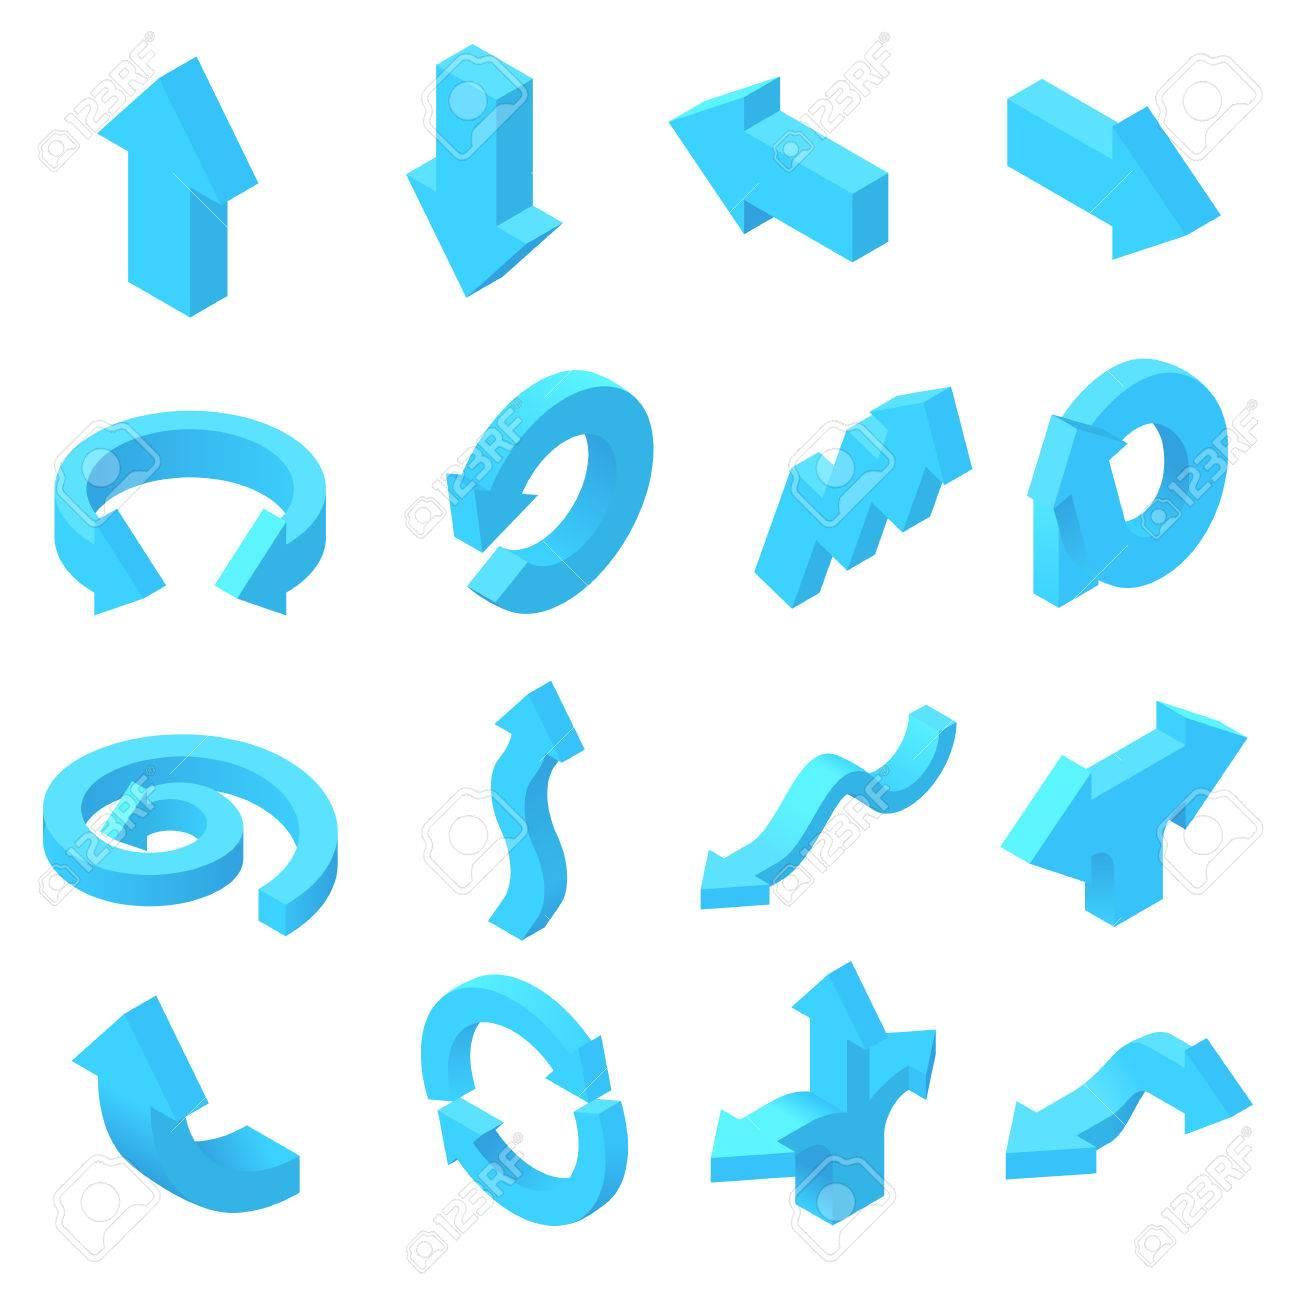 cd75e8319f818 Flechas de conjunto de iconos en 3D isométrica estilo. punteros azules  conjunto de recopilación ilustración